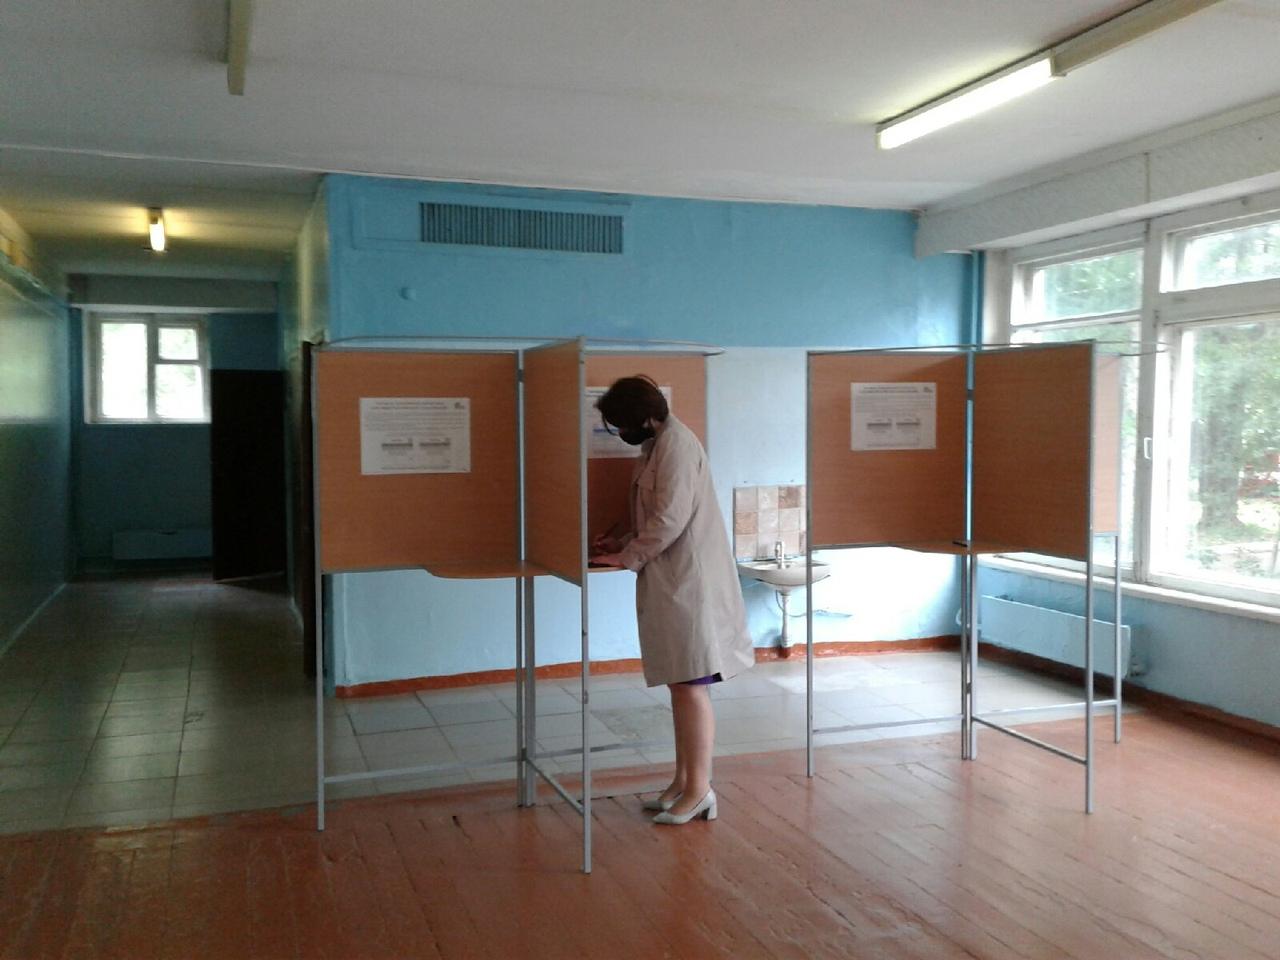 Фадина объяснила, почему голосовала за поправки в Конституцию #Омск #Общество #Сегодня